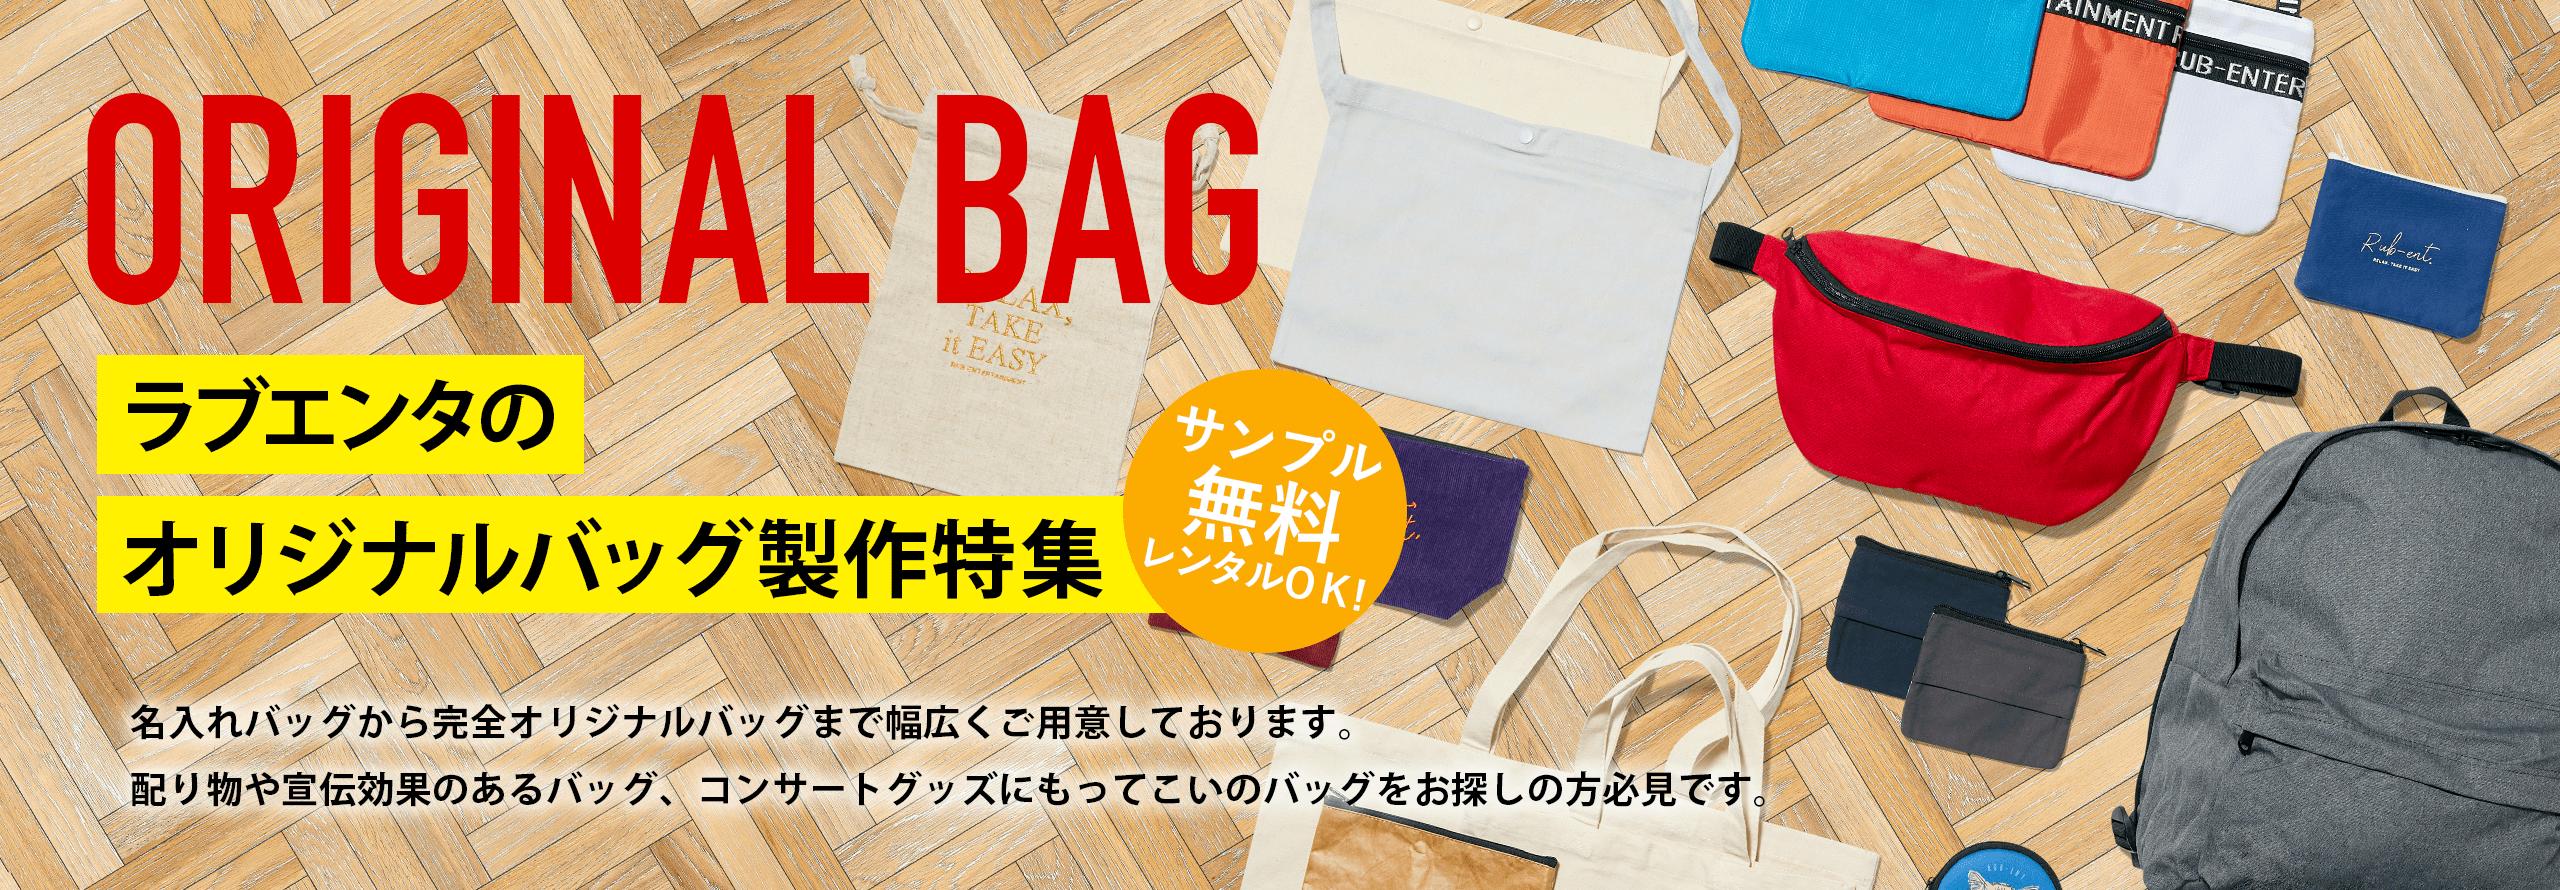 ラブエンタのオリジナルバッグ製作特集